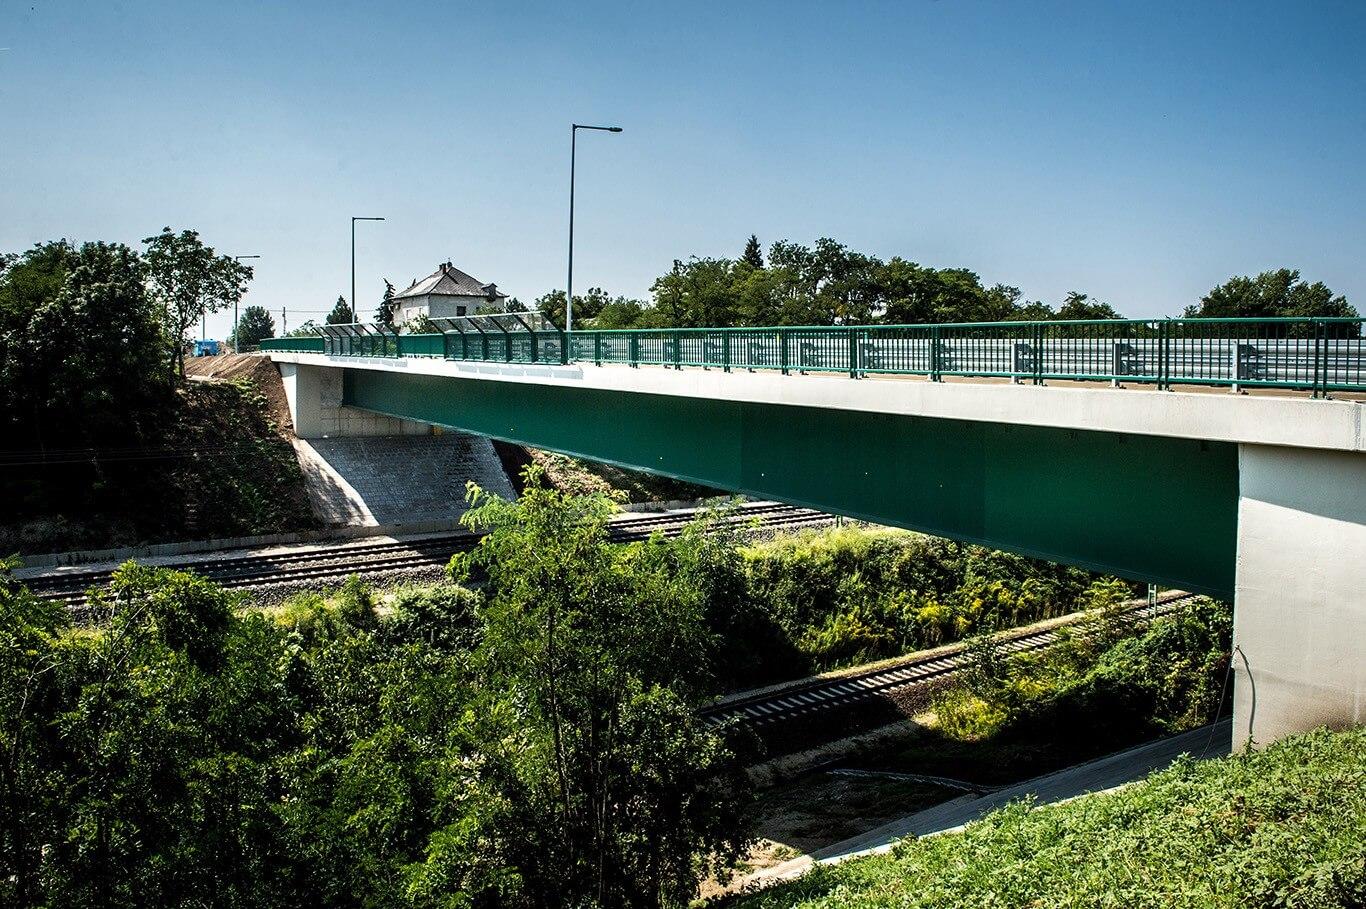 Megkezdődött a százhalombattai közúti híd meghosszabbítása